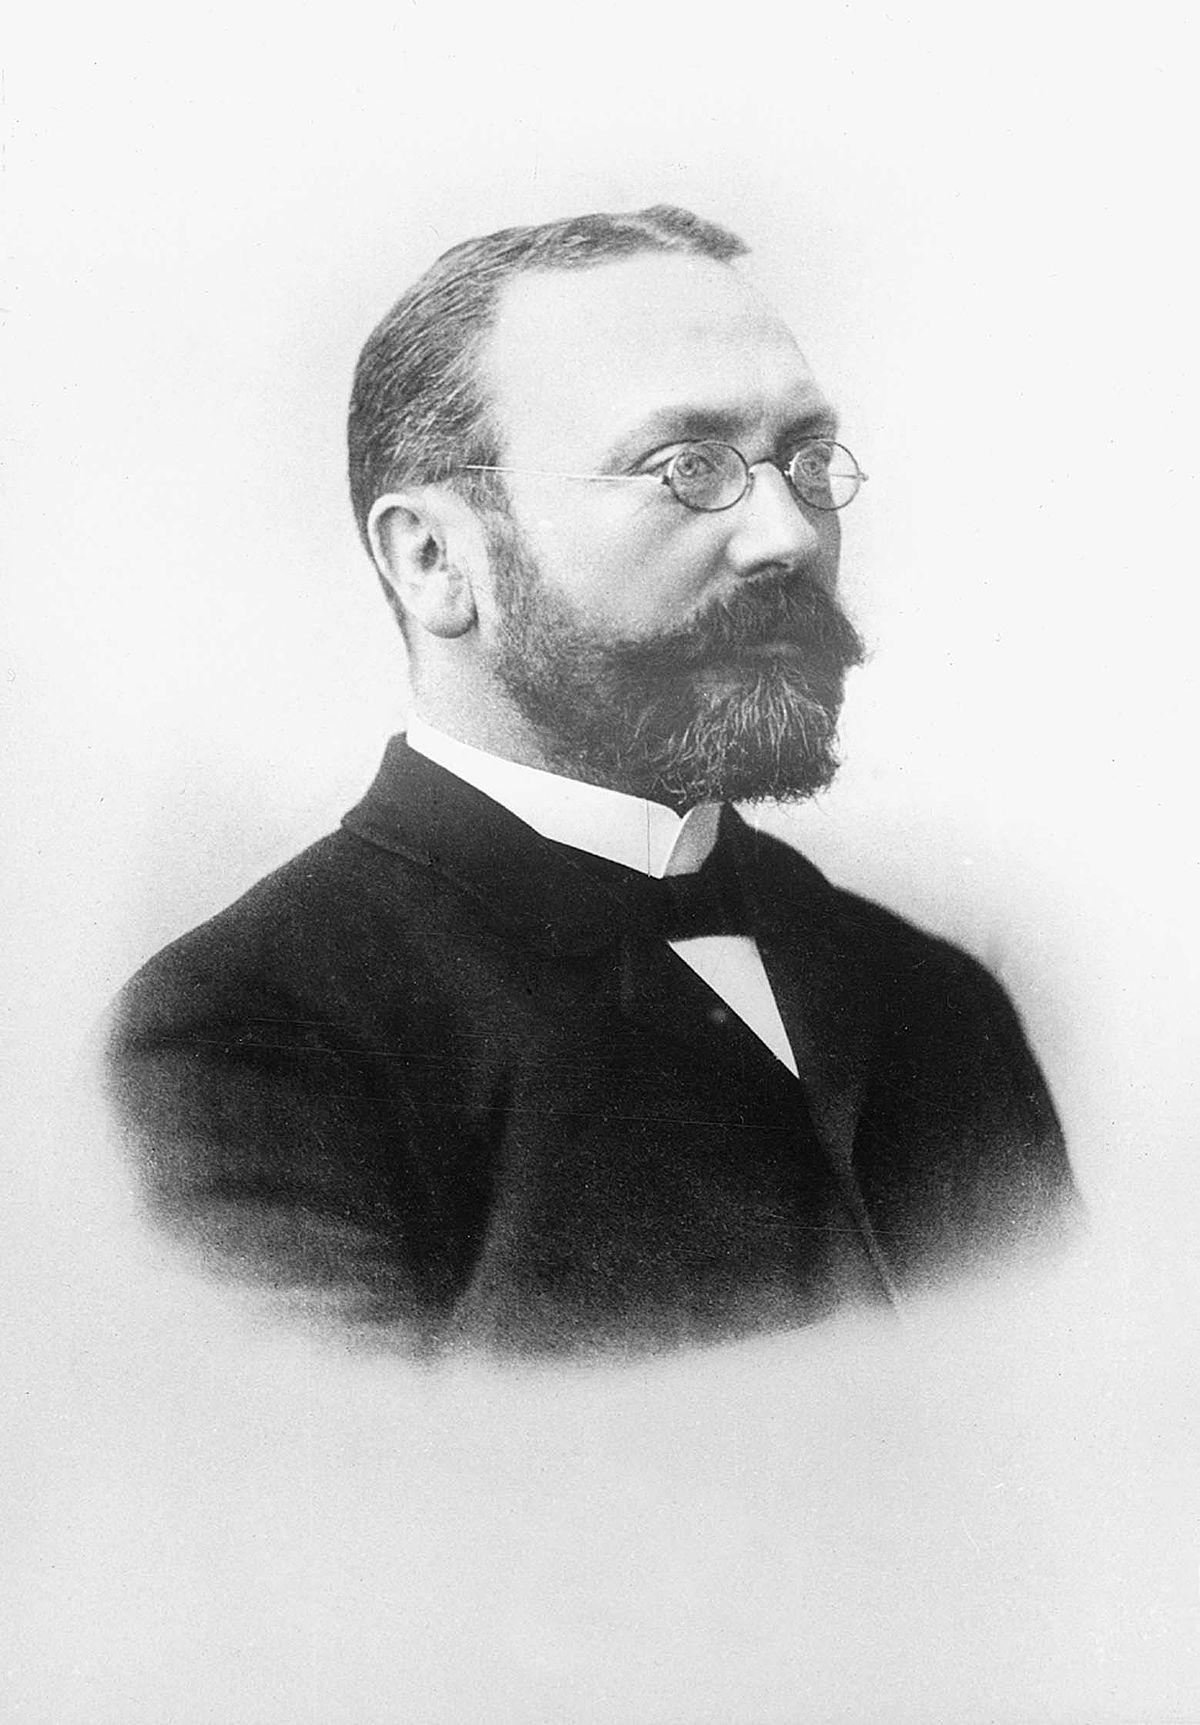 Georg Theodor August Gaffky